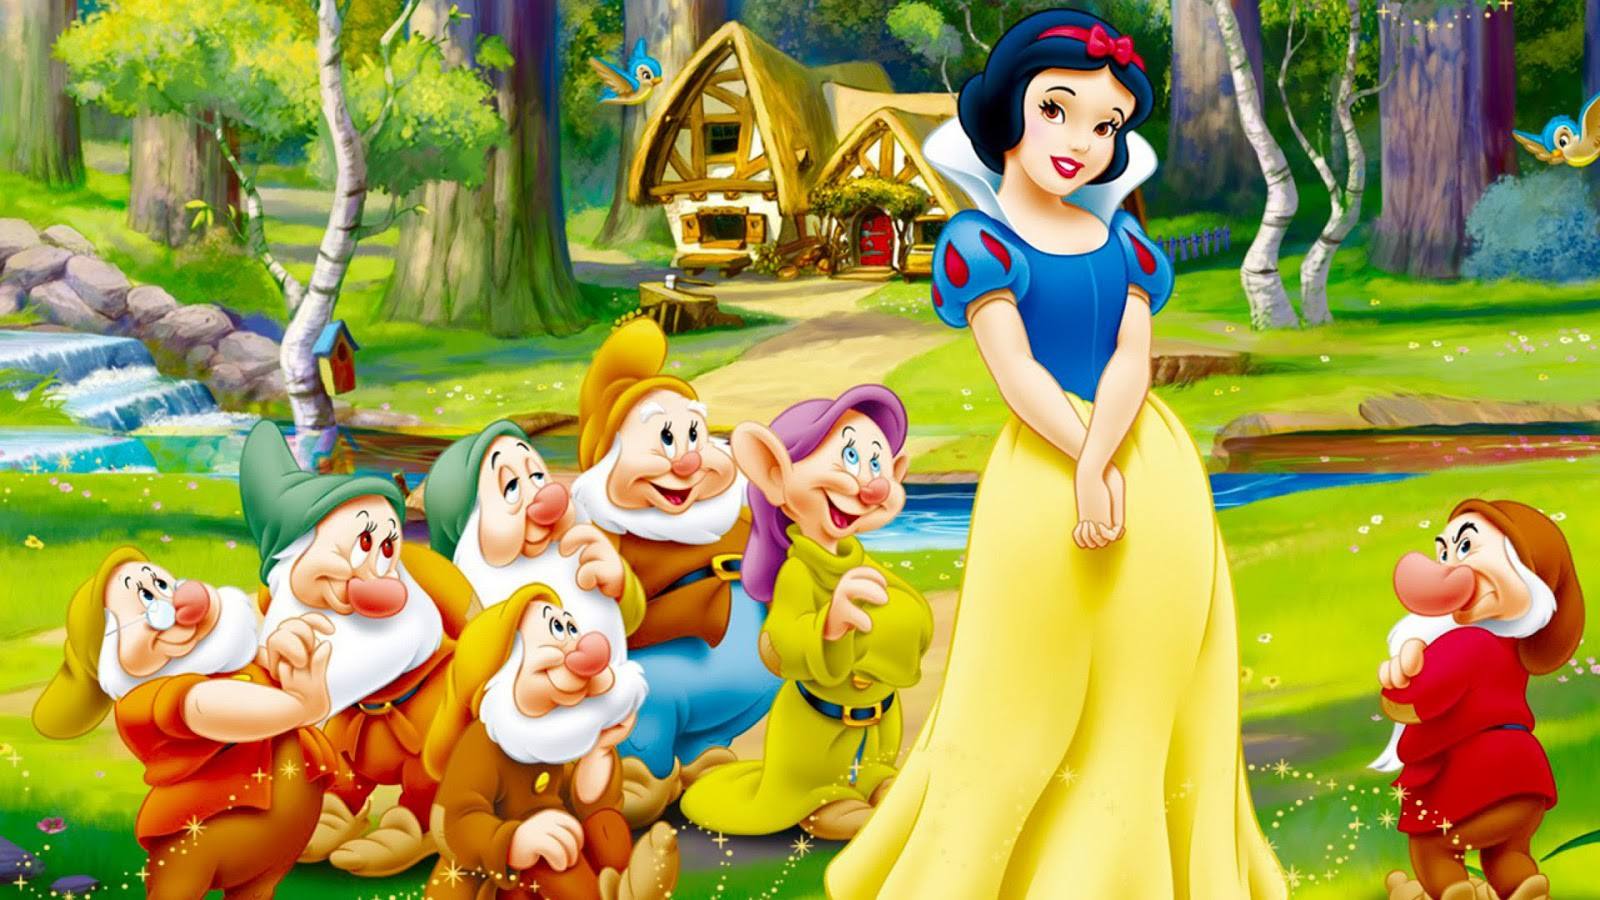 Vì sao các nhân vật hoạt hình Disney luôn phải chịu cảnh mồ côi mẹ? - Ảnh 4.